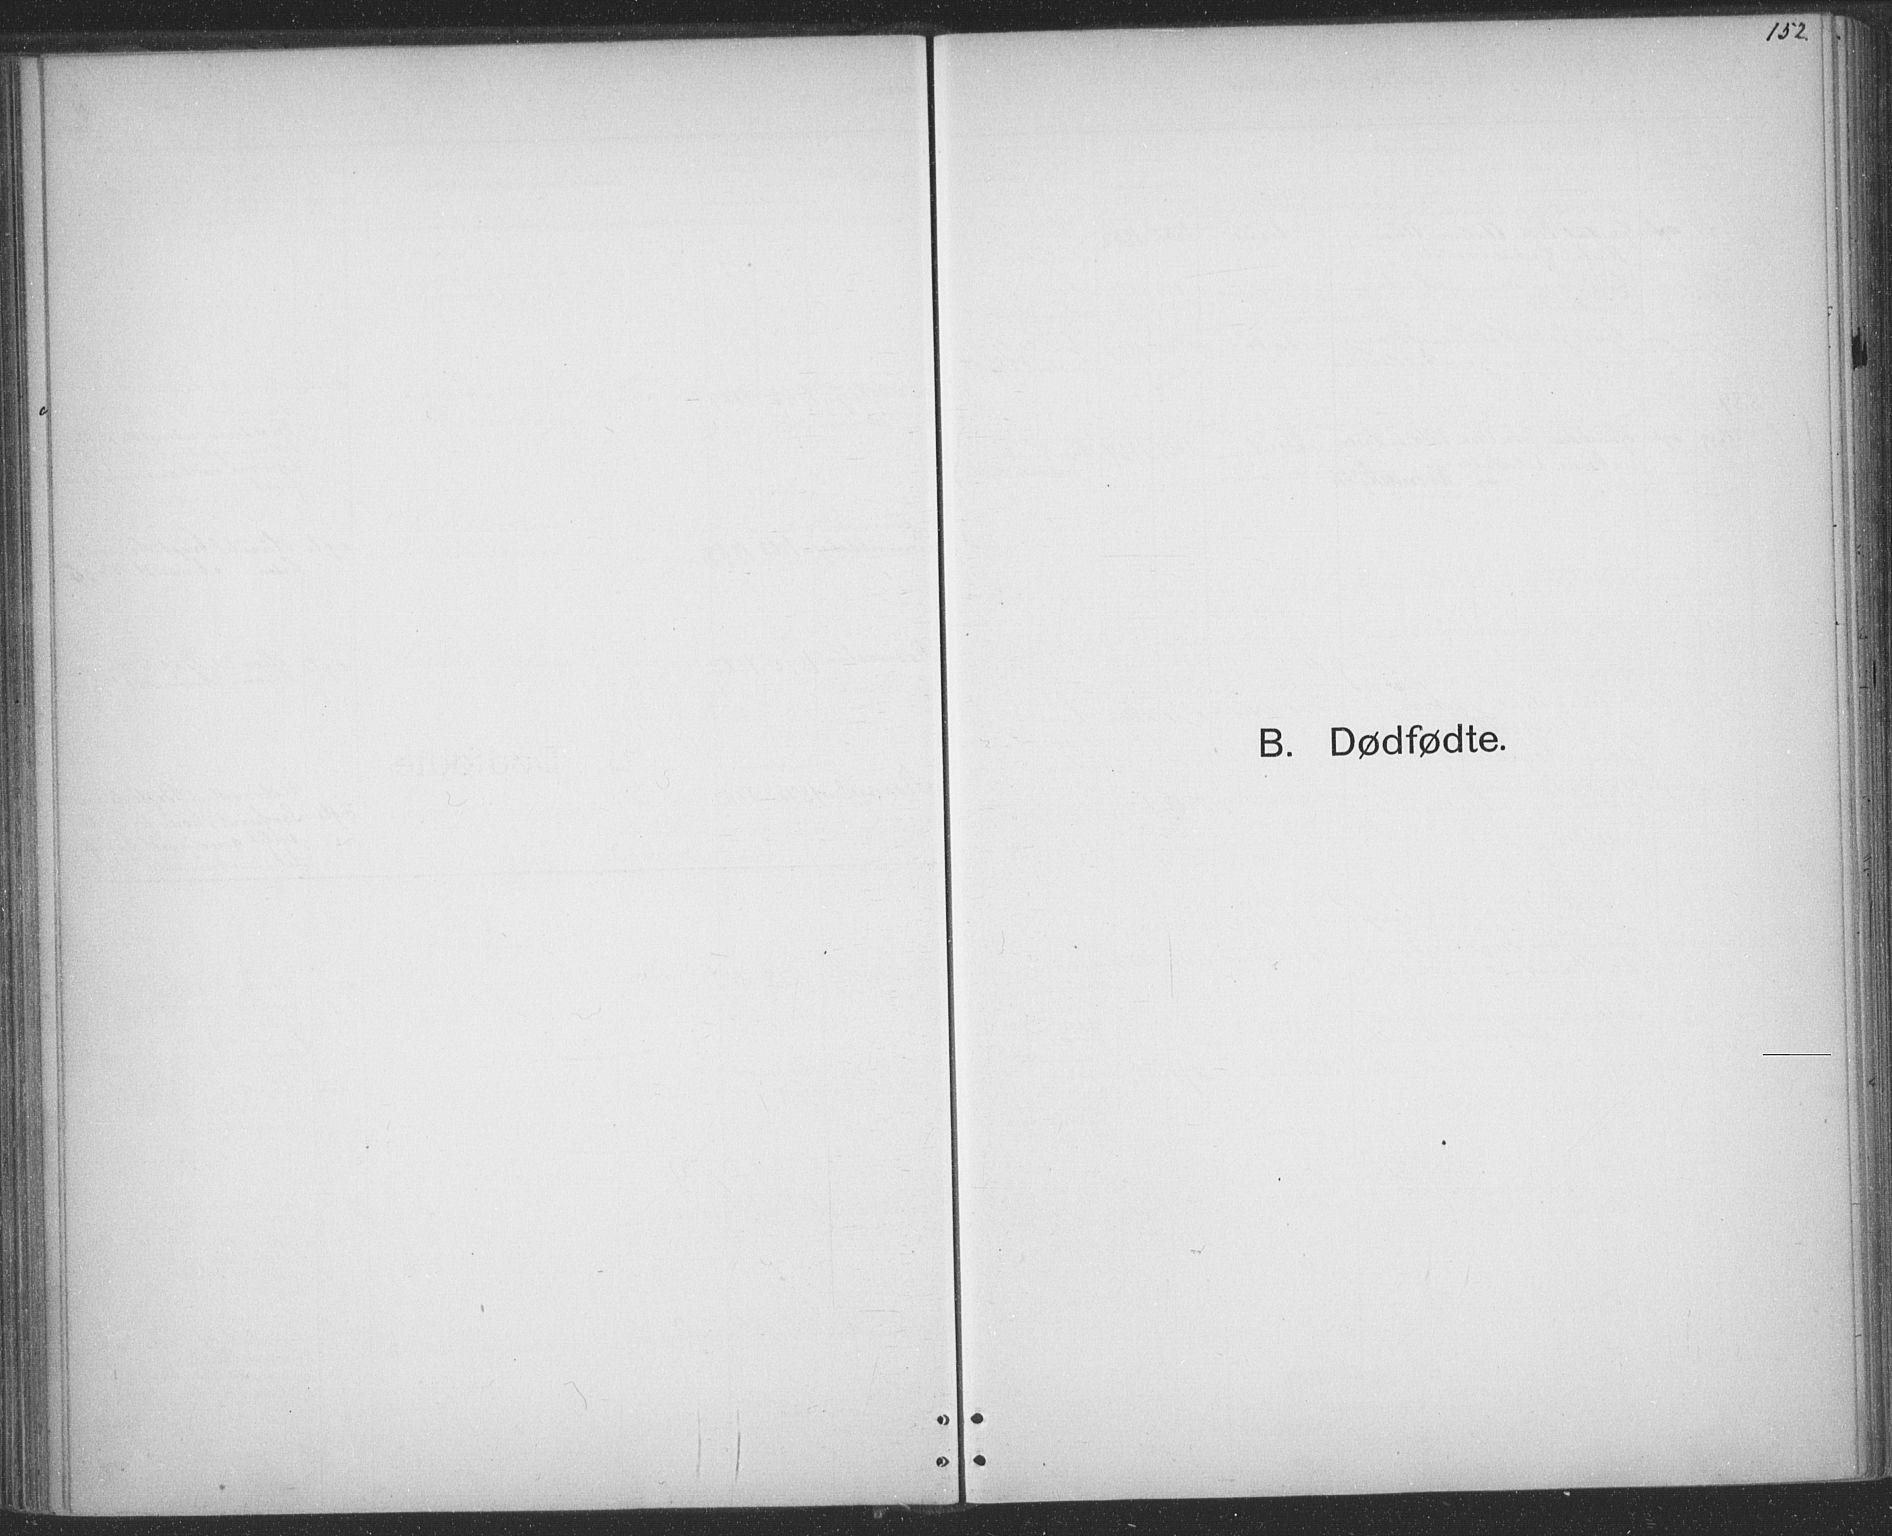 SAT, Ministerialprotokoller, klokkerbøker og fødselsregistre - Sør-Trøndelag, 691/L1085: Ministerialbok nr. 691A17, 1887-1908, s. 152